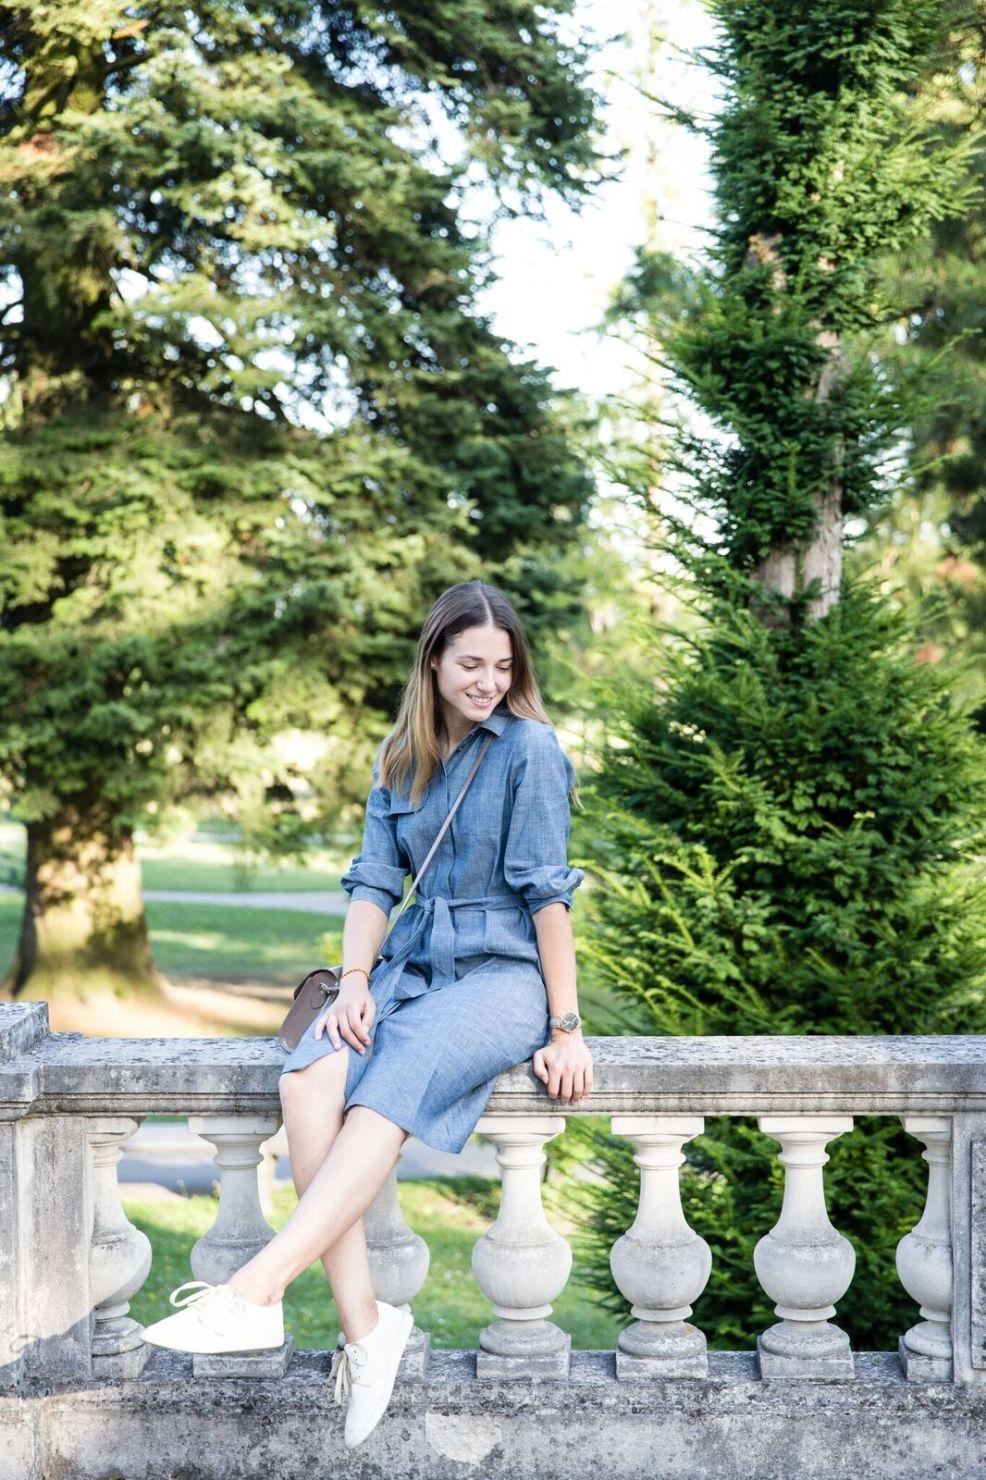 Hemdblusenkleid von Mila.Vert und Sneakers von Cardanas USA